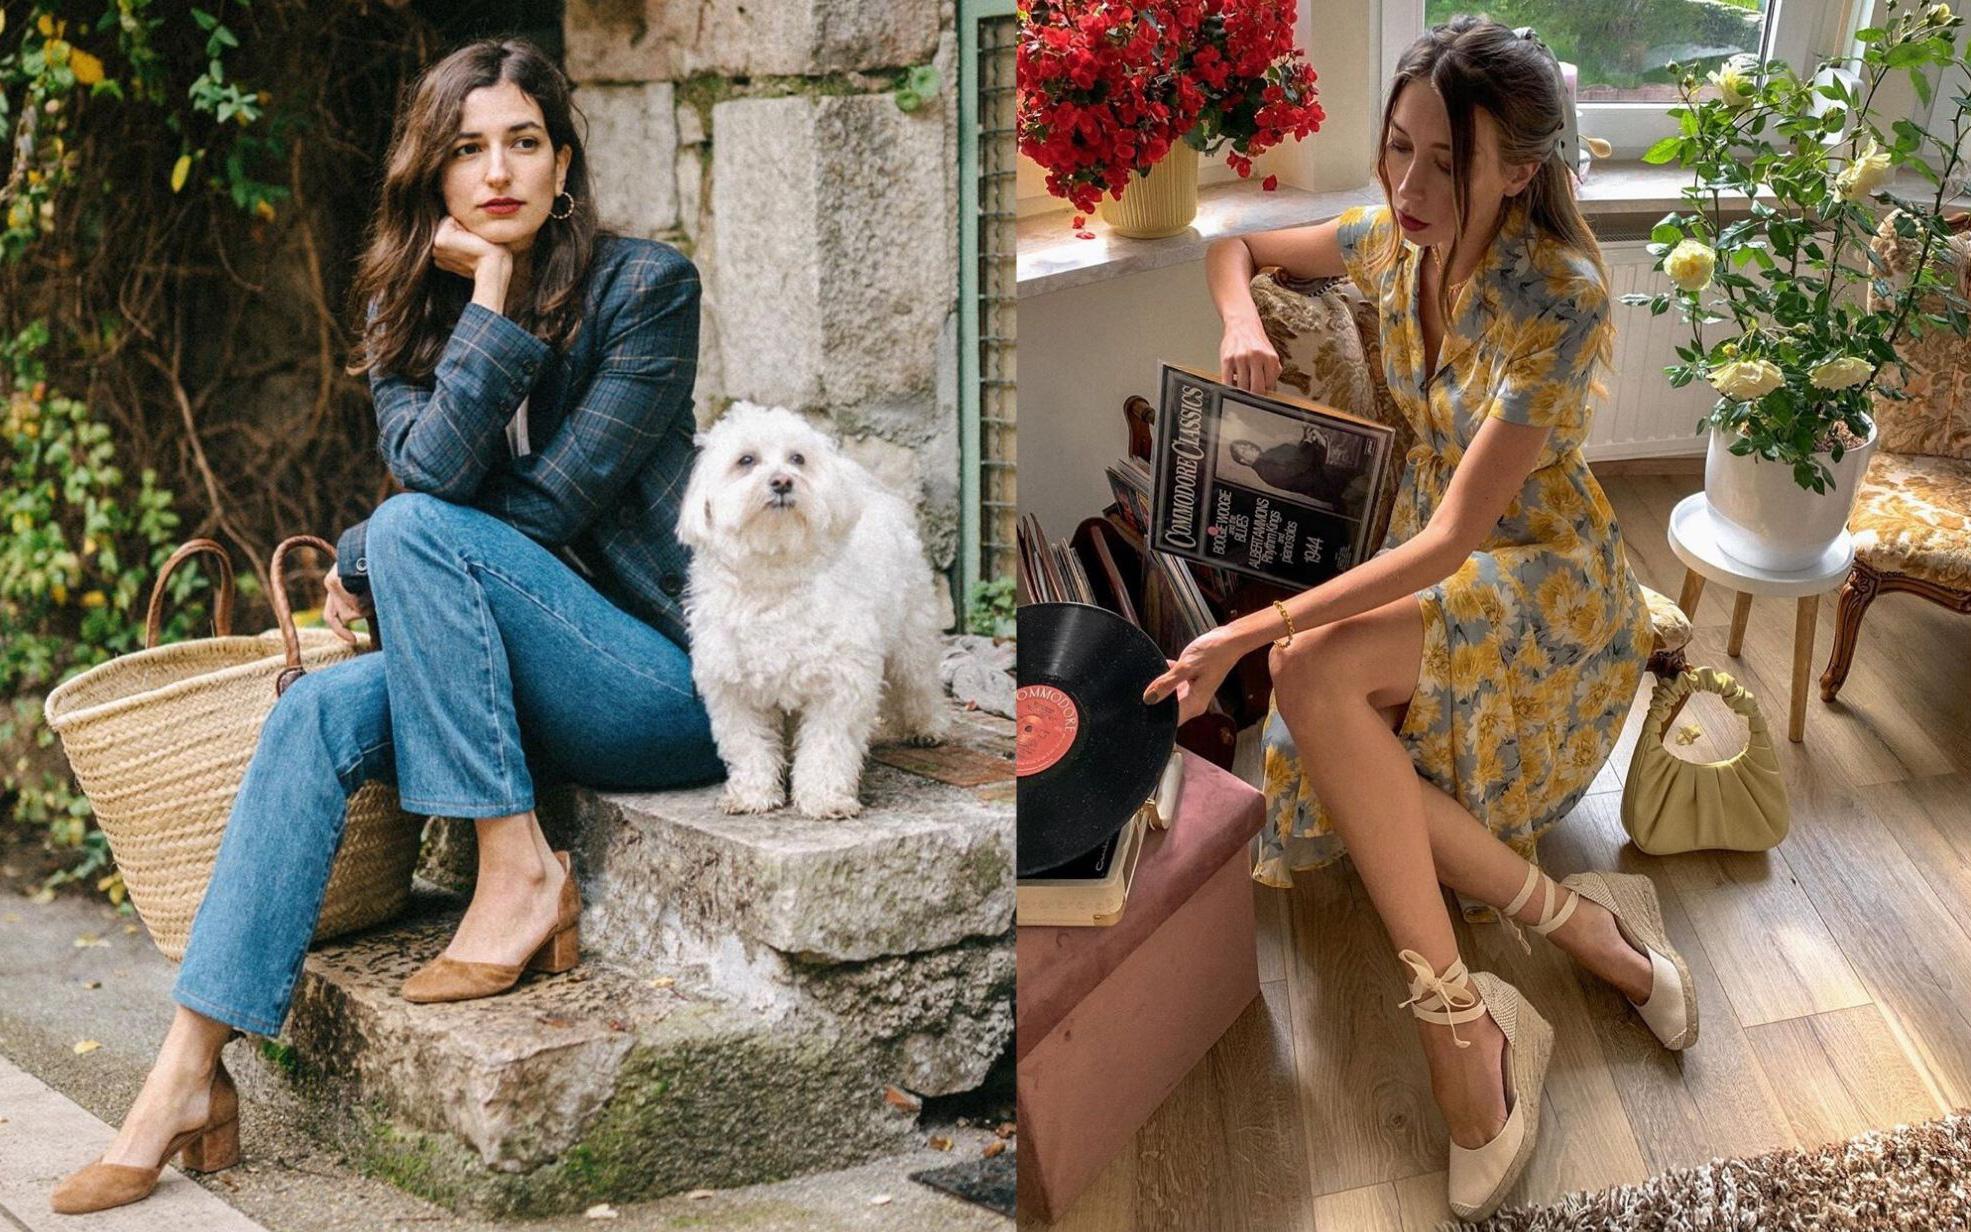 Phụ nữ Pháp chẳng ưa mấy đôi cao gót lênh khênh, họ chỉ thích diện 4 kiểu giày đế thấp siêu thanh lịch này đi làm